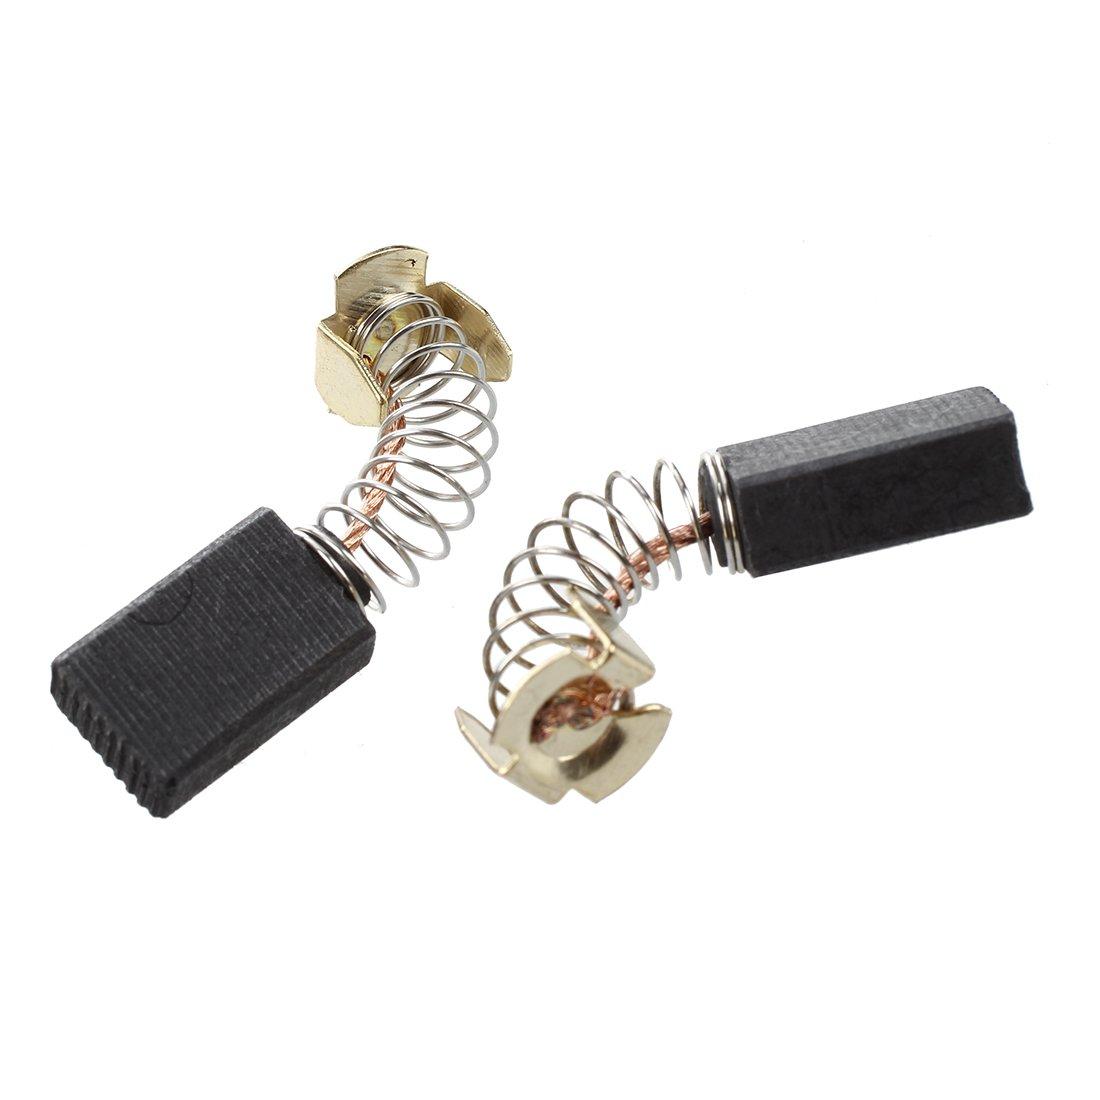 SODIAL(R) 8 piezas de Cepillo de carbono del motor 6mm x 10mm x 16mm reemplazo de cepillo de carbono para Makita CB-103